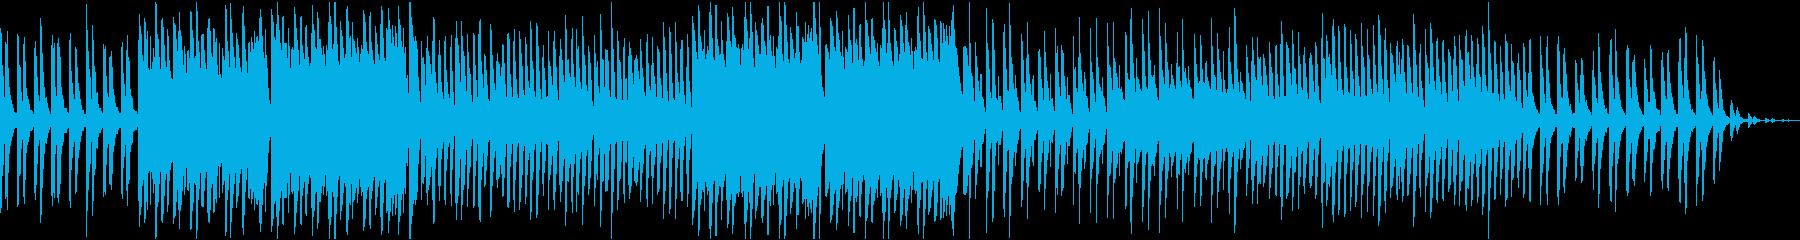 ほのぼの、のんびりした凡庸なポップス曲の再生済みの波形